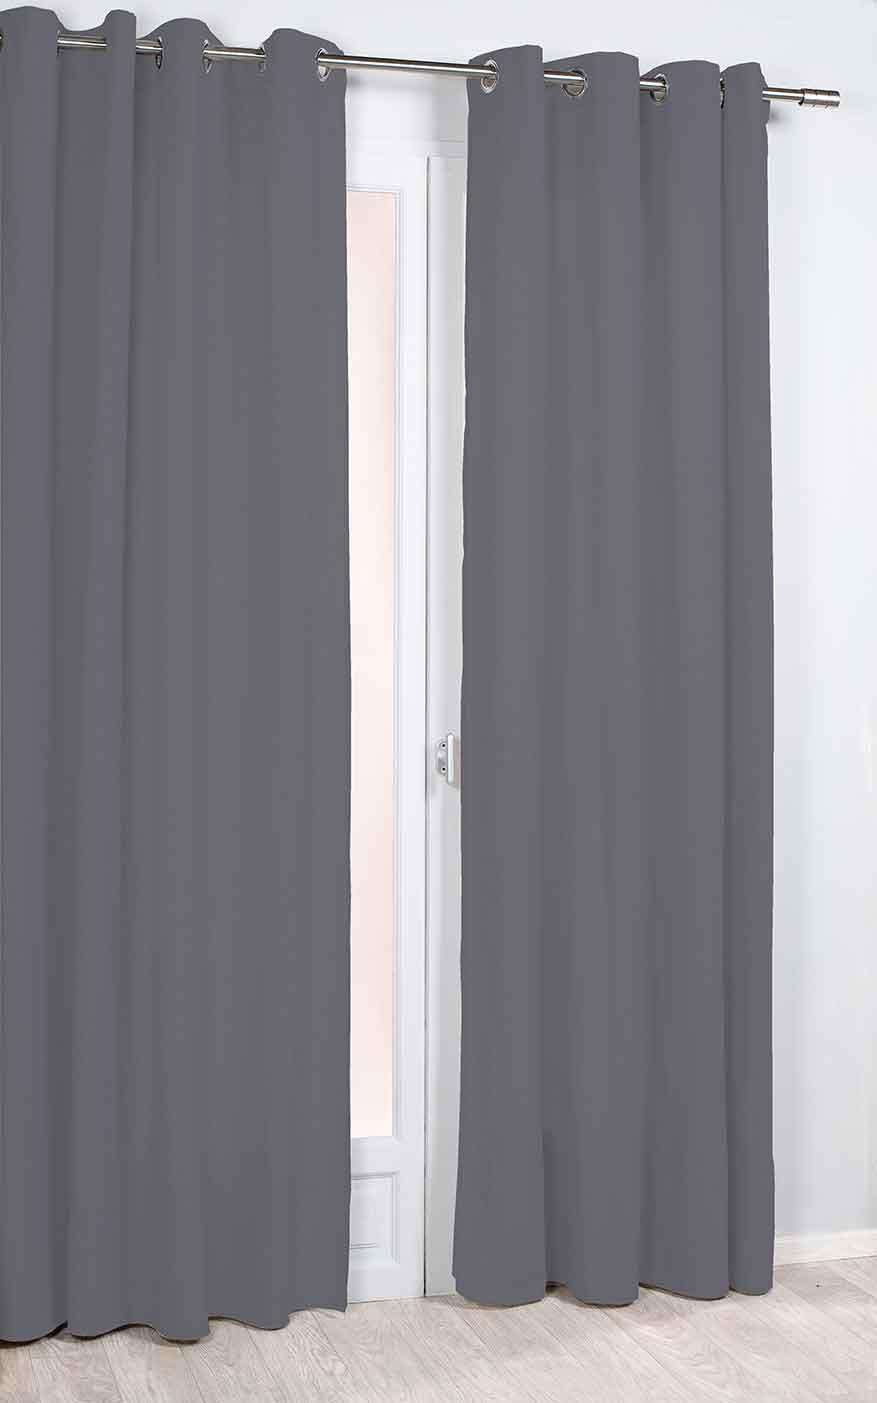 Rideau Phonique et Thermique Uni - Gris Foncé - 135 x 260 cm